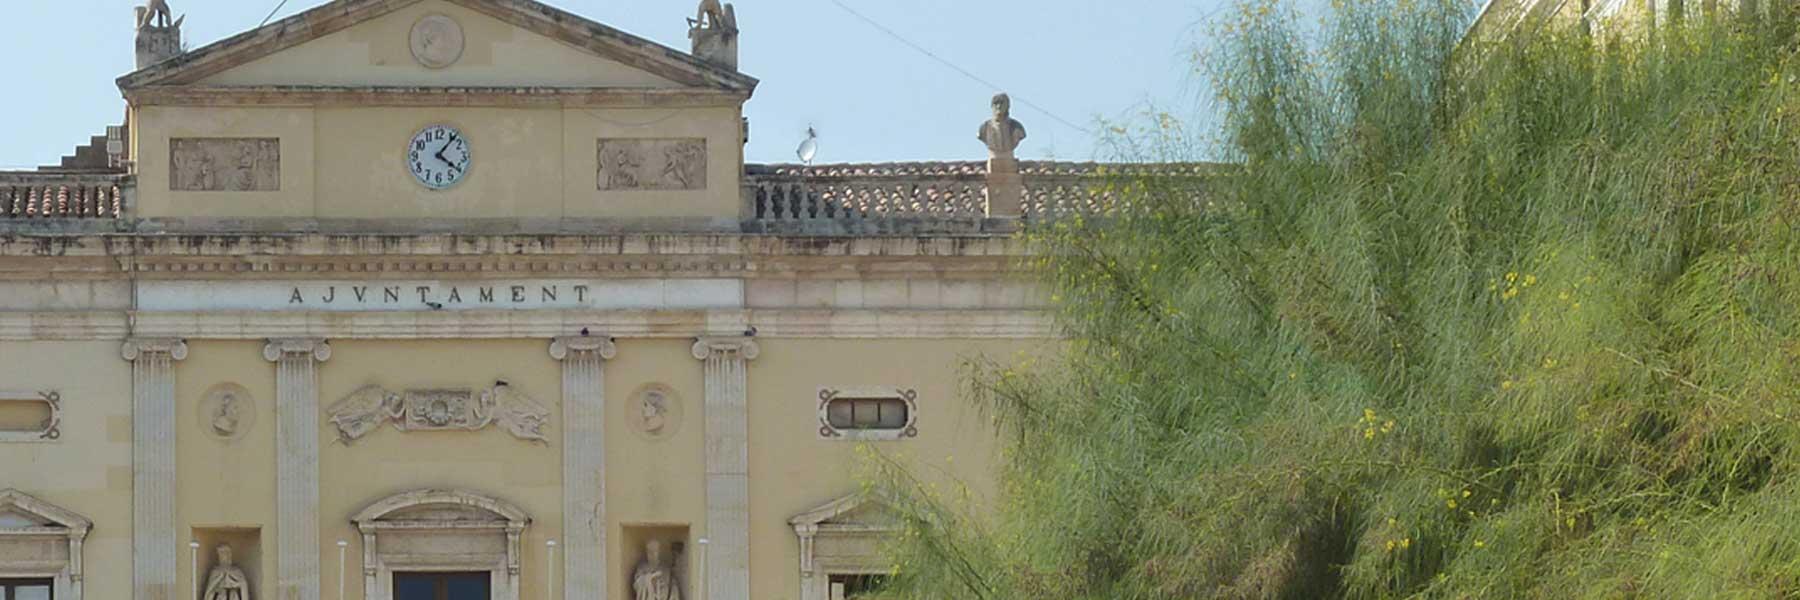 Façana Ajuntament de Tarragona